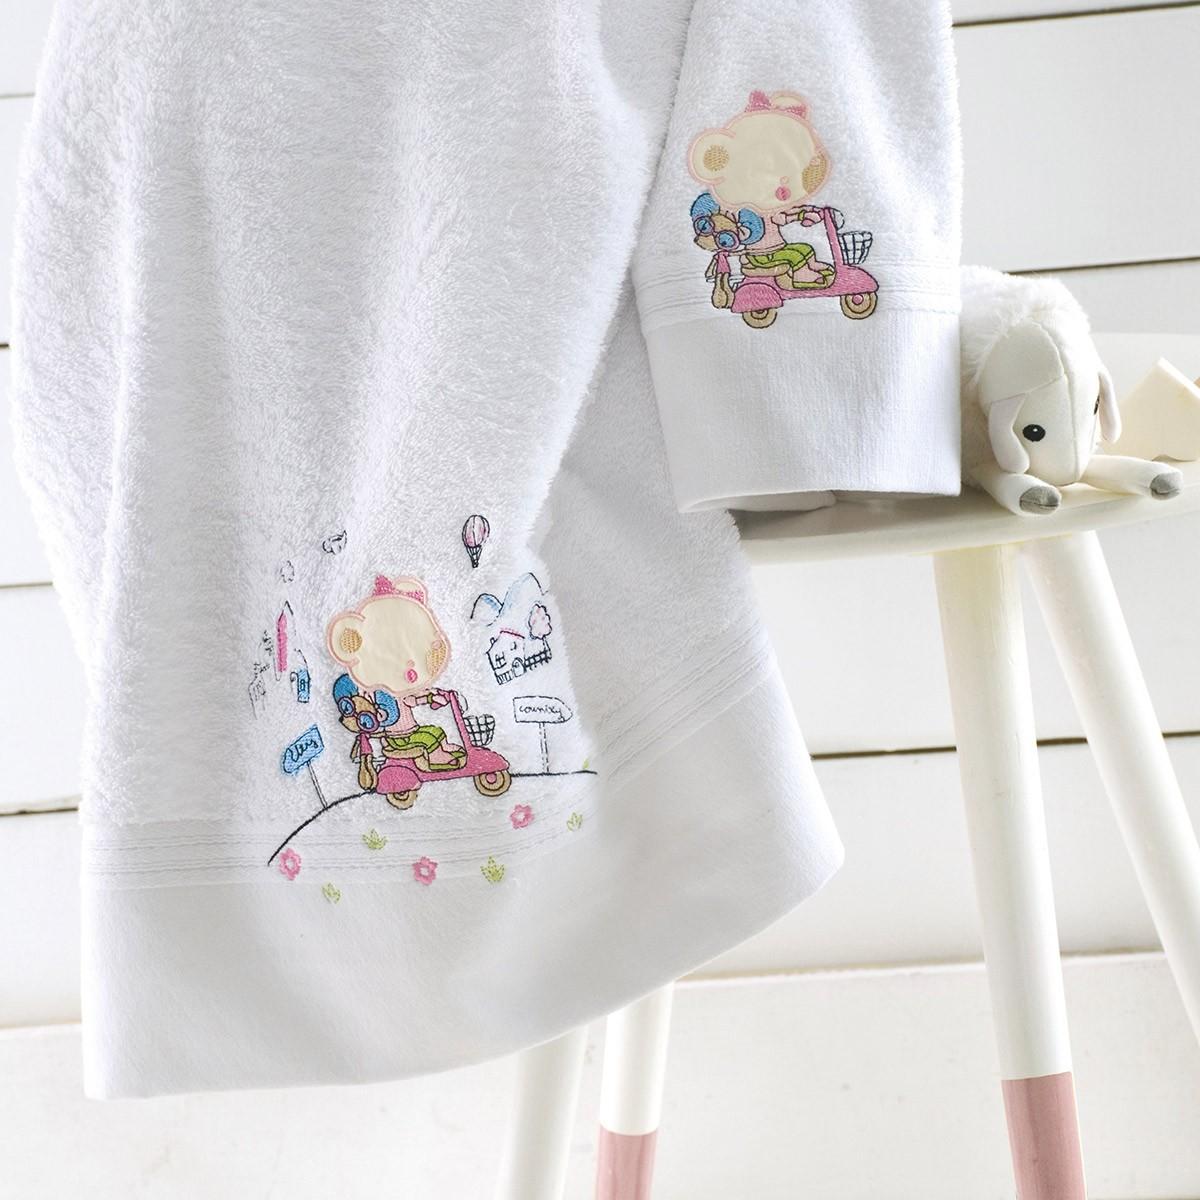 Παιδικές Πετσέτες (Σετ 2τμχ) Rythmos Kids Trip home   παιδικά   πετσέτες παιδικές